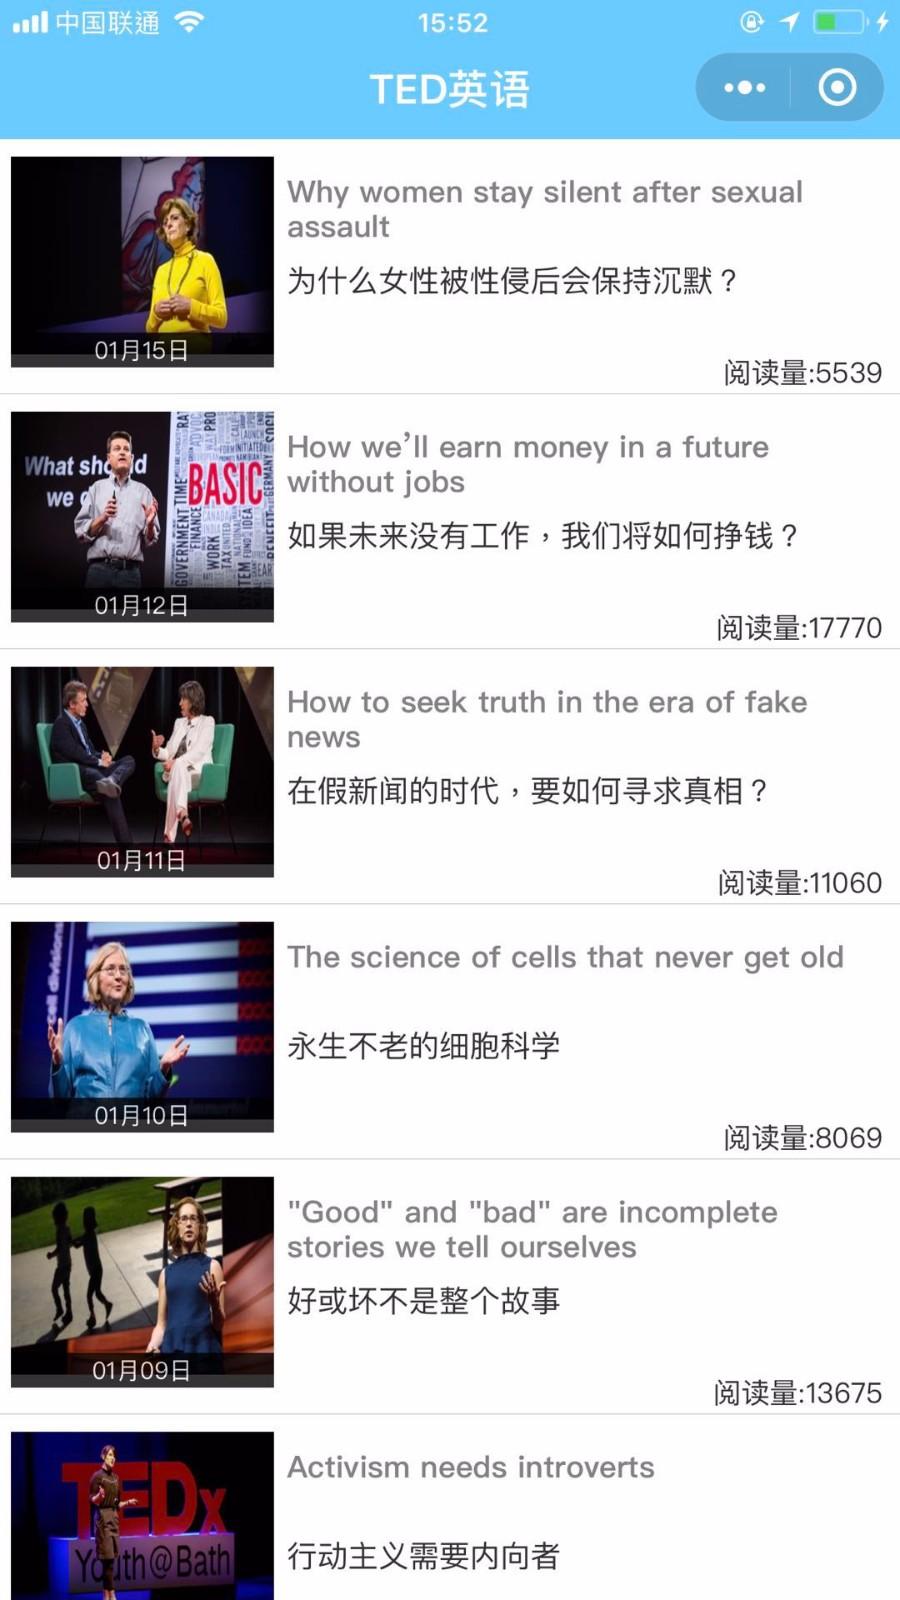 TED英语演讲视频小程序截图